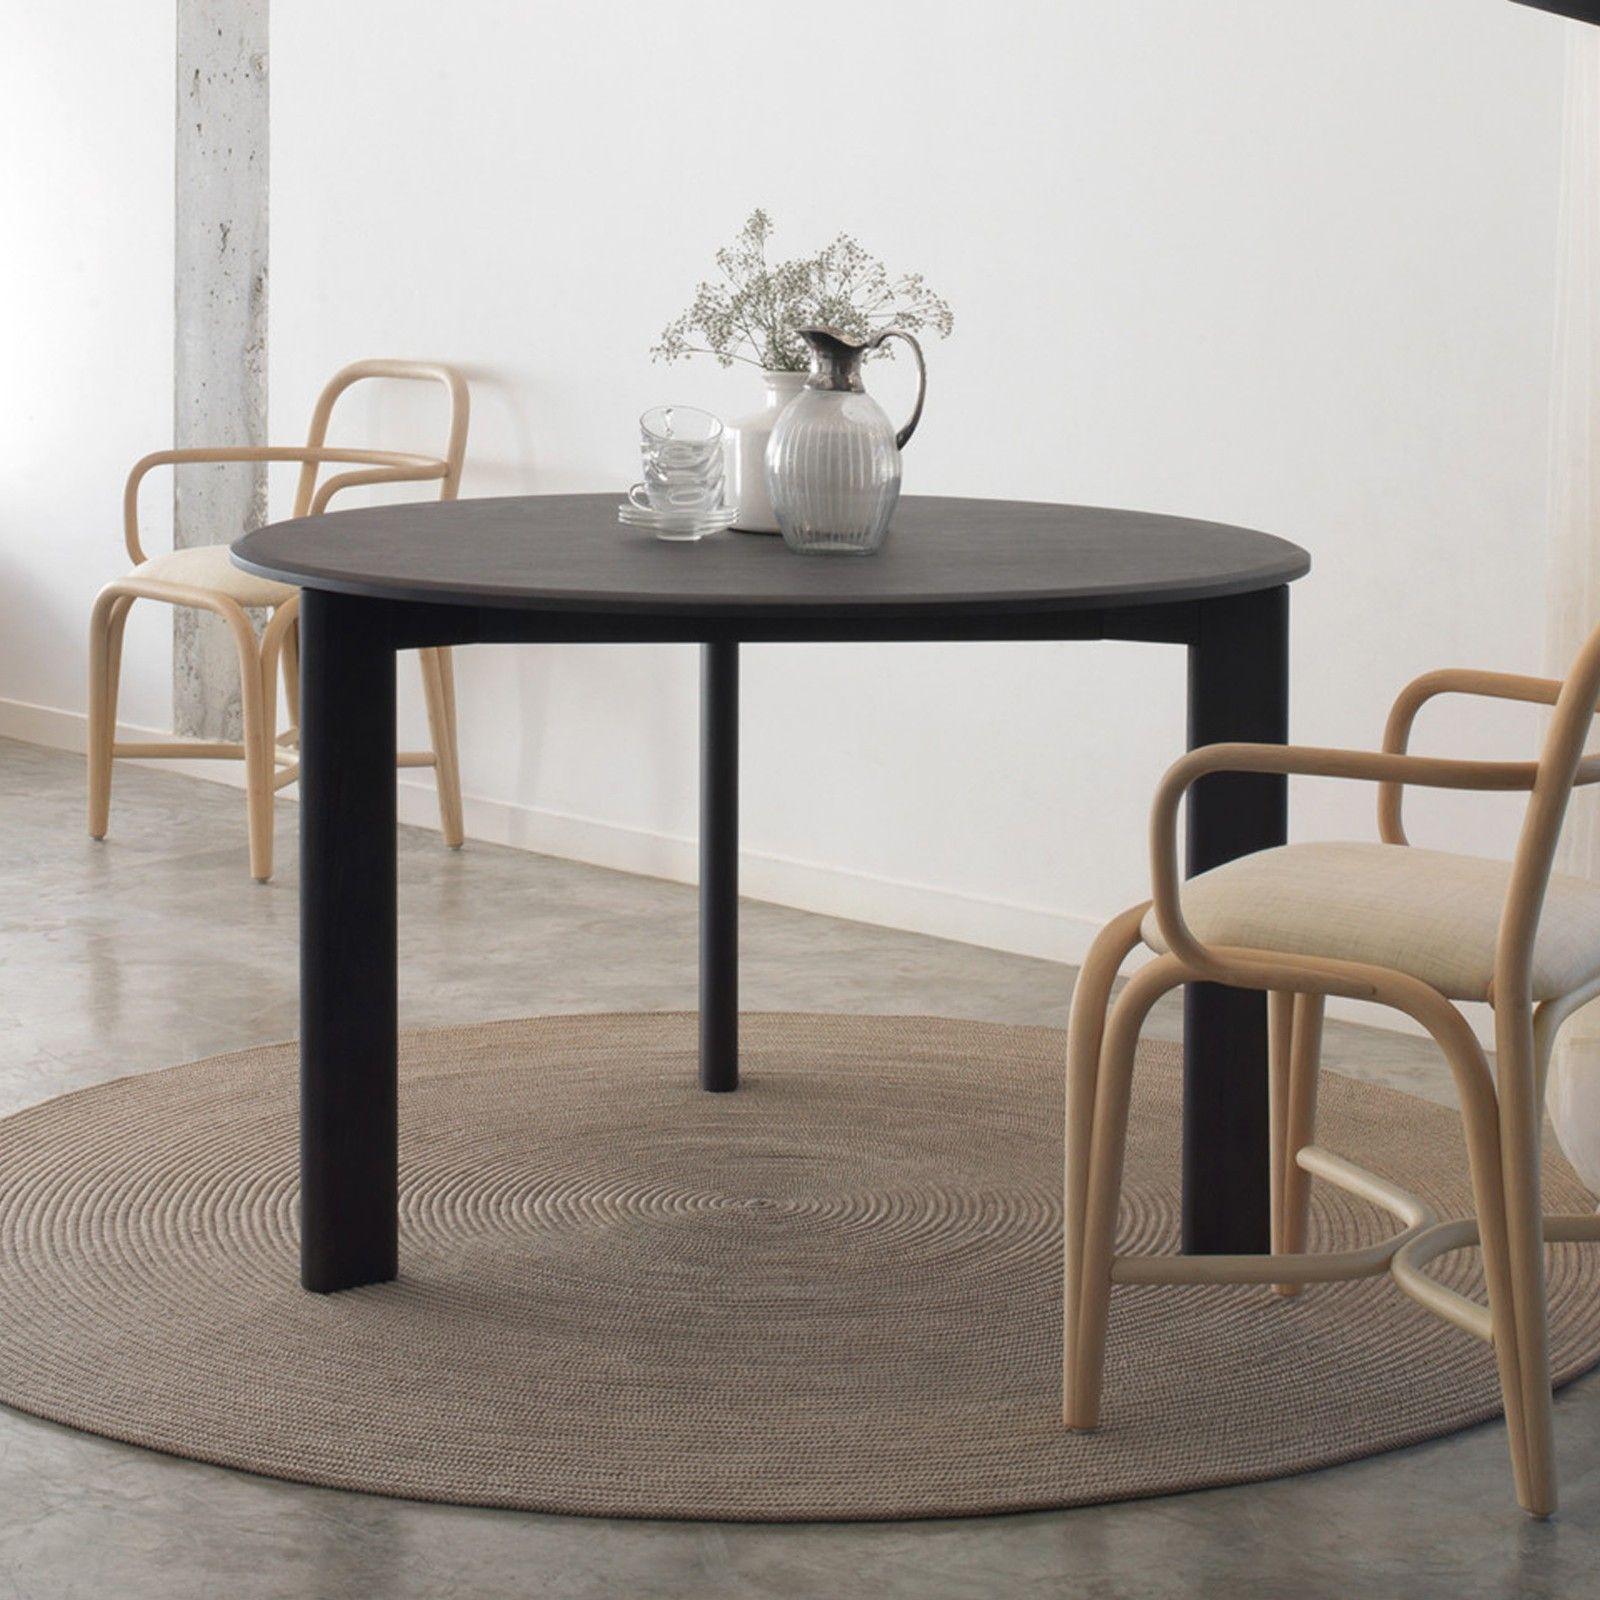 Kotai Round Dining Table By Expormim